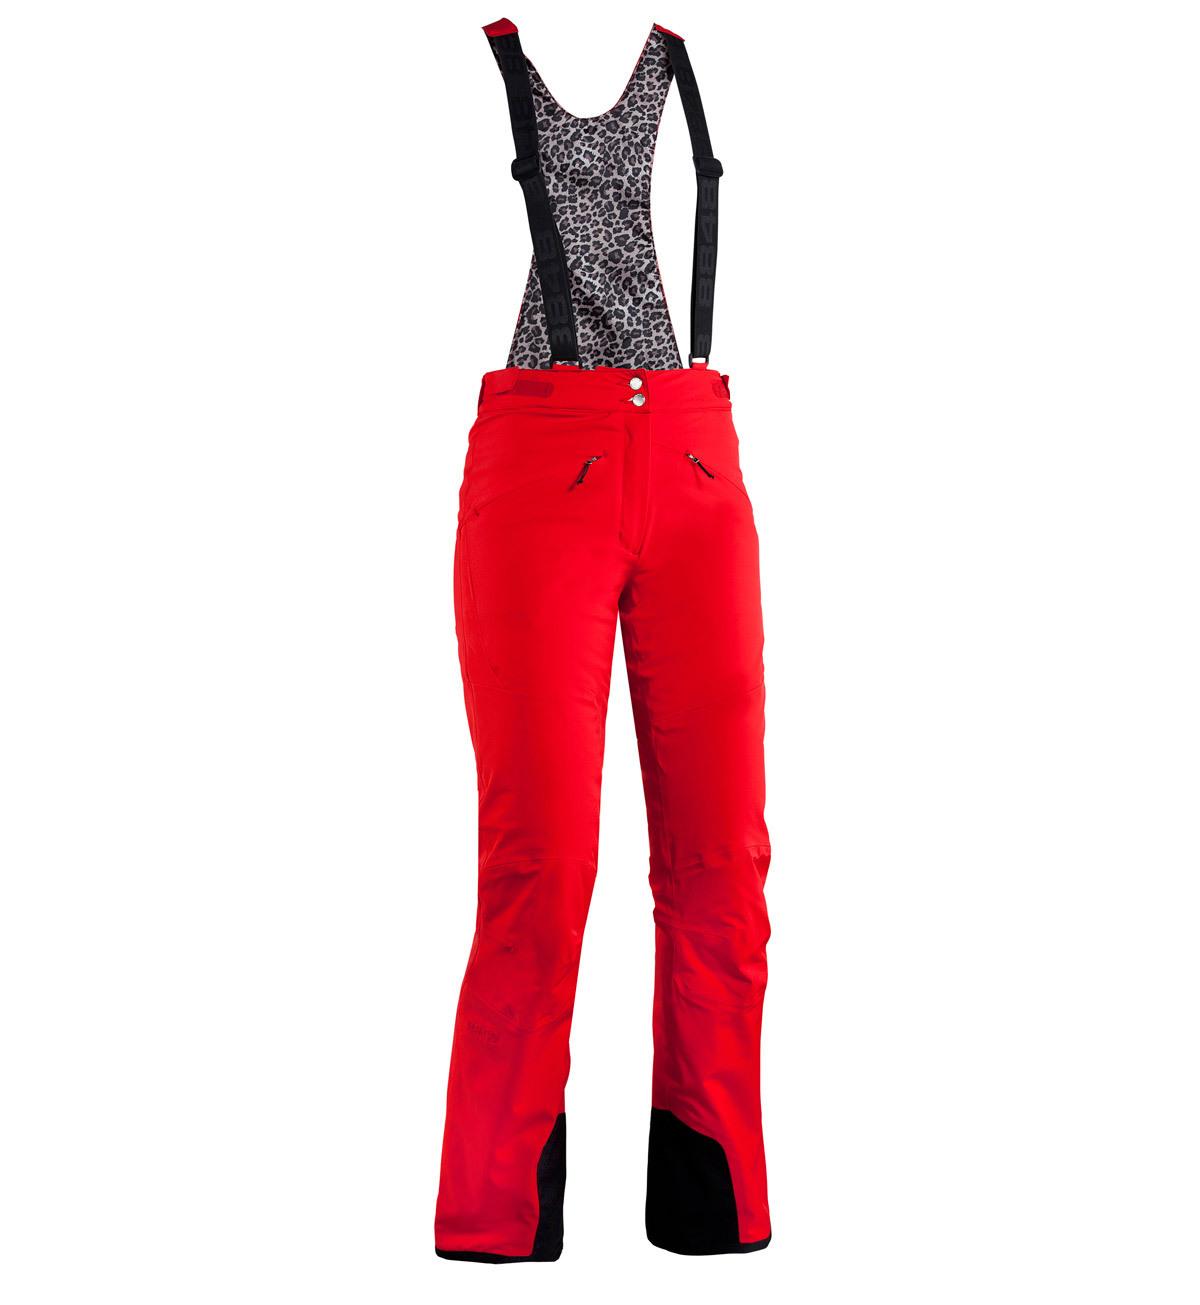 Брюки горнолыжные 8848 Altitude Poppy женские Red